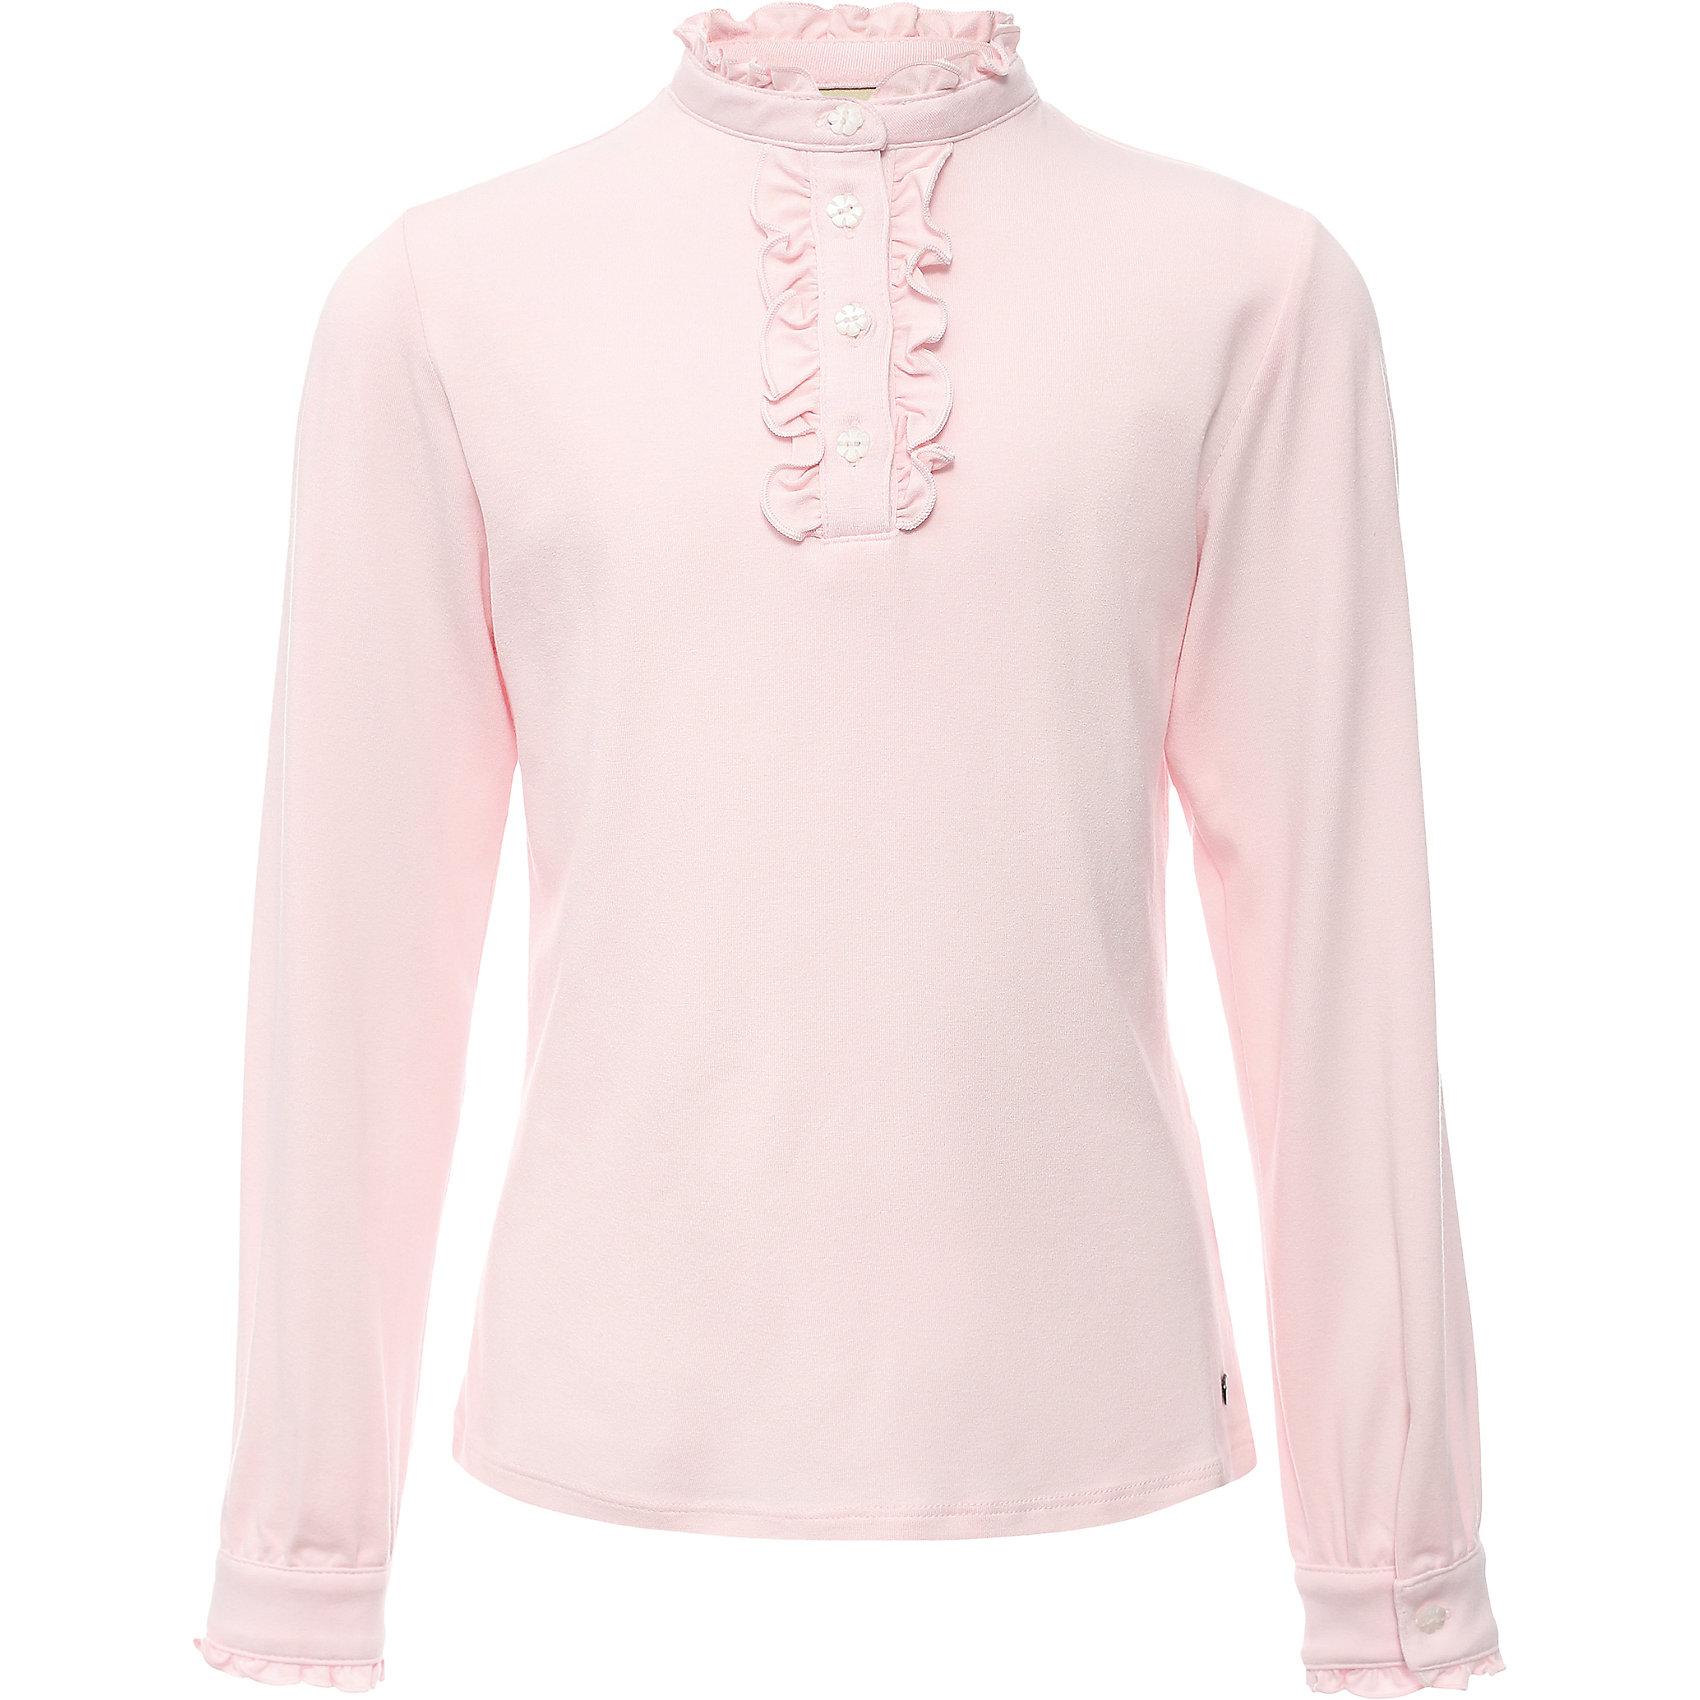 Блузка для девочки Finn FlareБлузки и рубашки<br>Блузка для девочки известной марки Finn Flare.<br><br>Школьная блузка для девочки может использоваться для повседневной носки. Блузка декорирована мелкими рюшами у горловины, по длине застежки на пуговицах. Длинные рукава оснащены манжетами, которые застегиваются на пуговицы. Манжеты имеют маленькие рюшки. <br><br>Фактура материала: Трикотажный<br>Вид застежки: Пуговицы<br>Длина рукава: Длинные<br>Тип карманов: Без карманов<br><br>Состав: 95% вискоза, 5% эластан<br><br>Блузку для девочки Finn Flare можно купить в нашем интернет-магазине.<br><br>Ширина мм: 186<br>Глубина мм: 87<br>Высота мм: 198<br>Вес г: 197<br>Цвет: розовый<br>Возраст от месяцев: 60<br>Возраст до месяцев: 72<br>Пол: Женский<br>Возраст: Детский<br>Размер: 116,158,122,128,134,140,146,152<br>SKU: 4890203